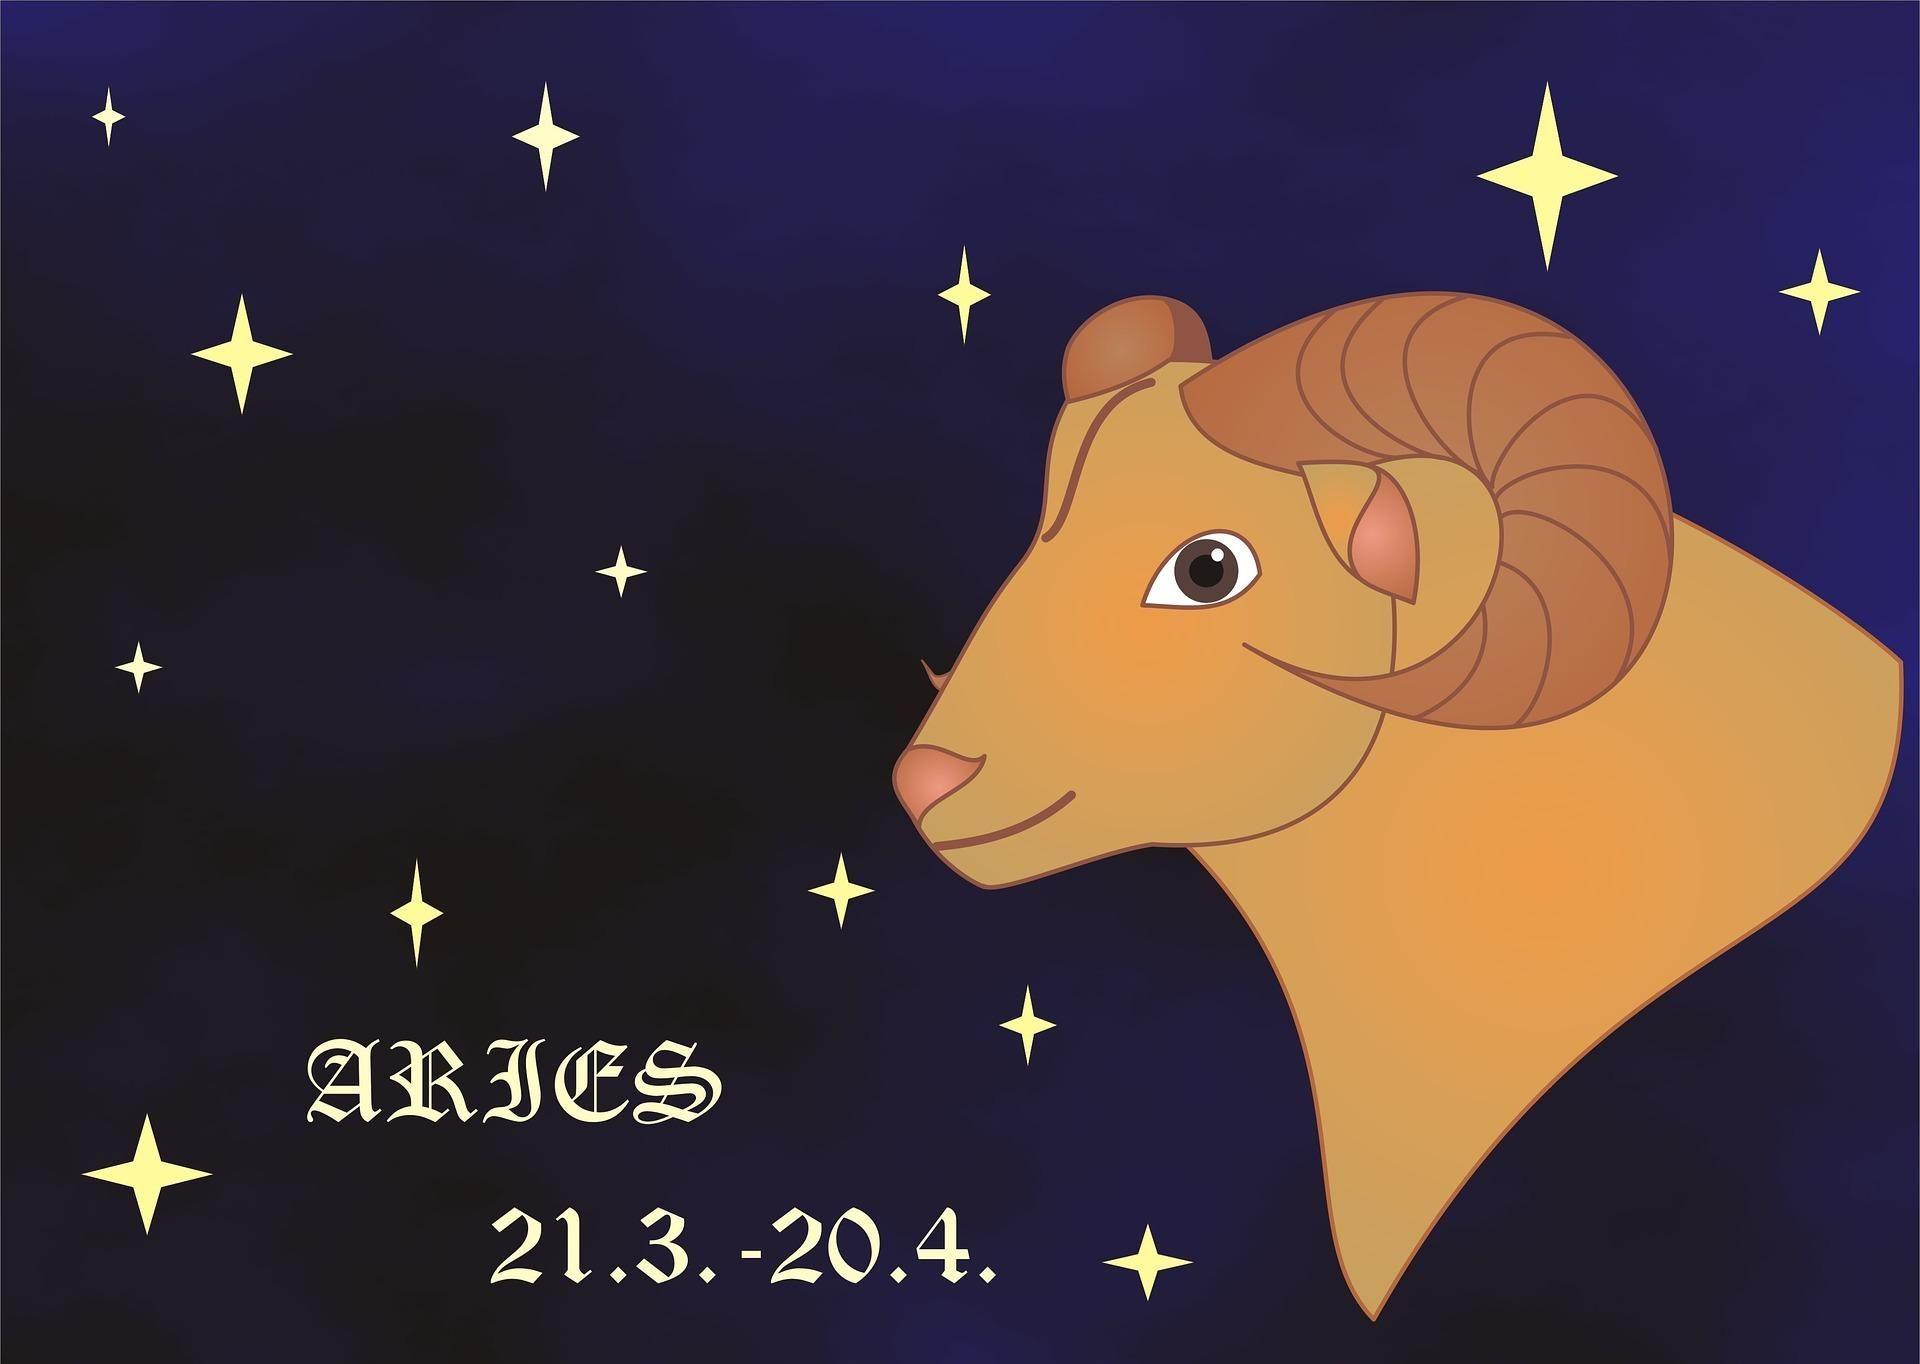 كيف اعرف برجي من تاريخ ميلادي أبراج اليوم الخميس أبراج اليوم جاكلين عقيقي أبراج اليوم ماغي فرح أبراج ماغي فرح 2020 أبراج 2020 أ Aries Zodiac Zodiac Signs